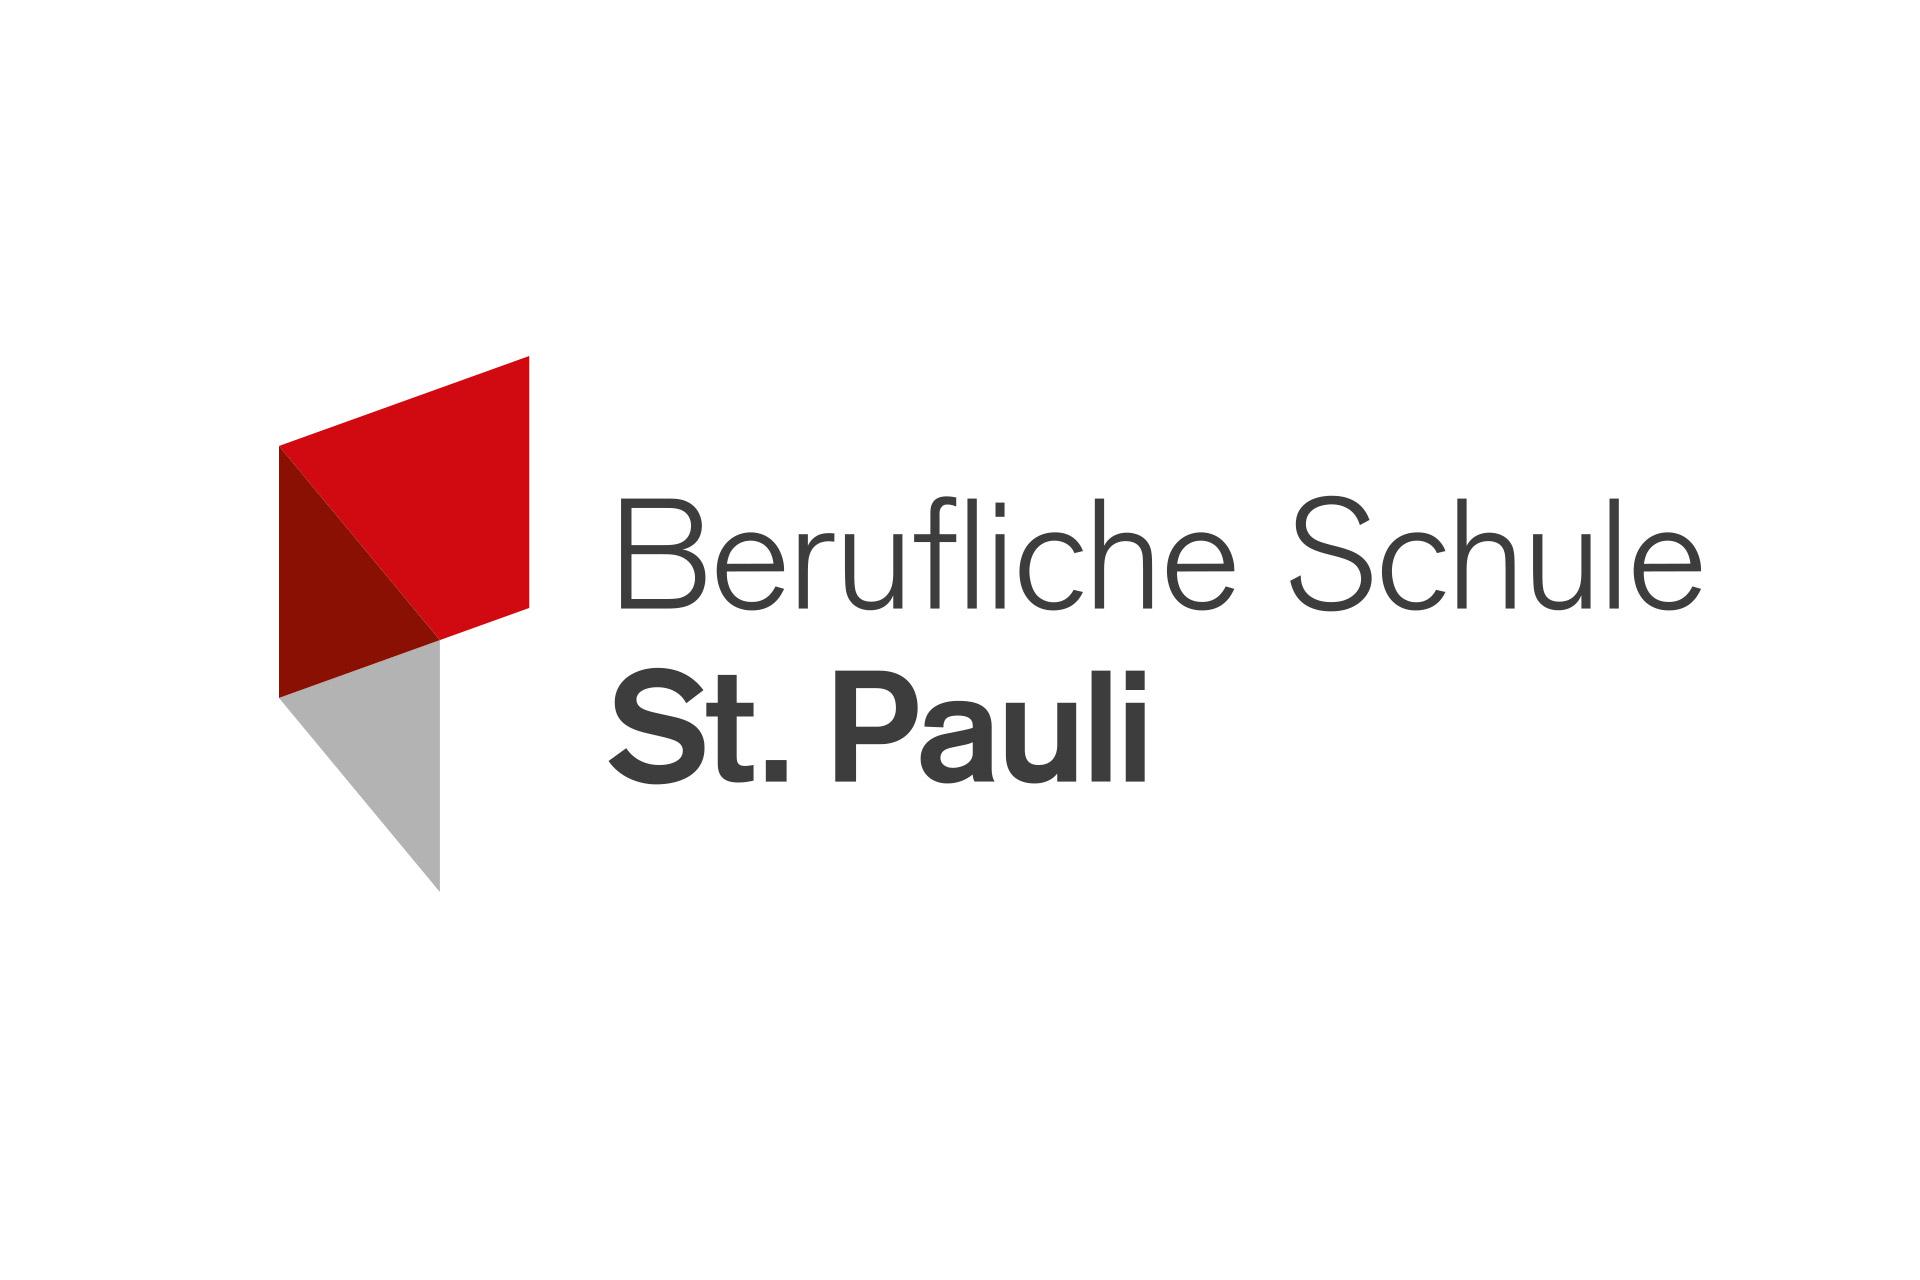 Corporate Design für Berufliche Schule St. Pauli, Beispiel Logodesign